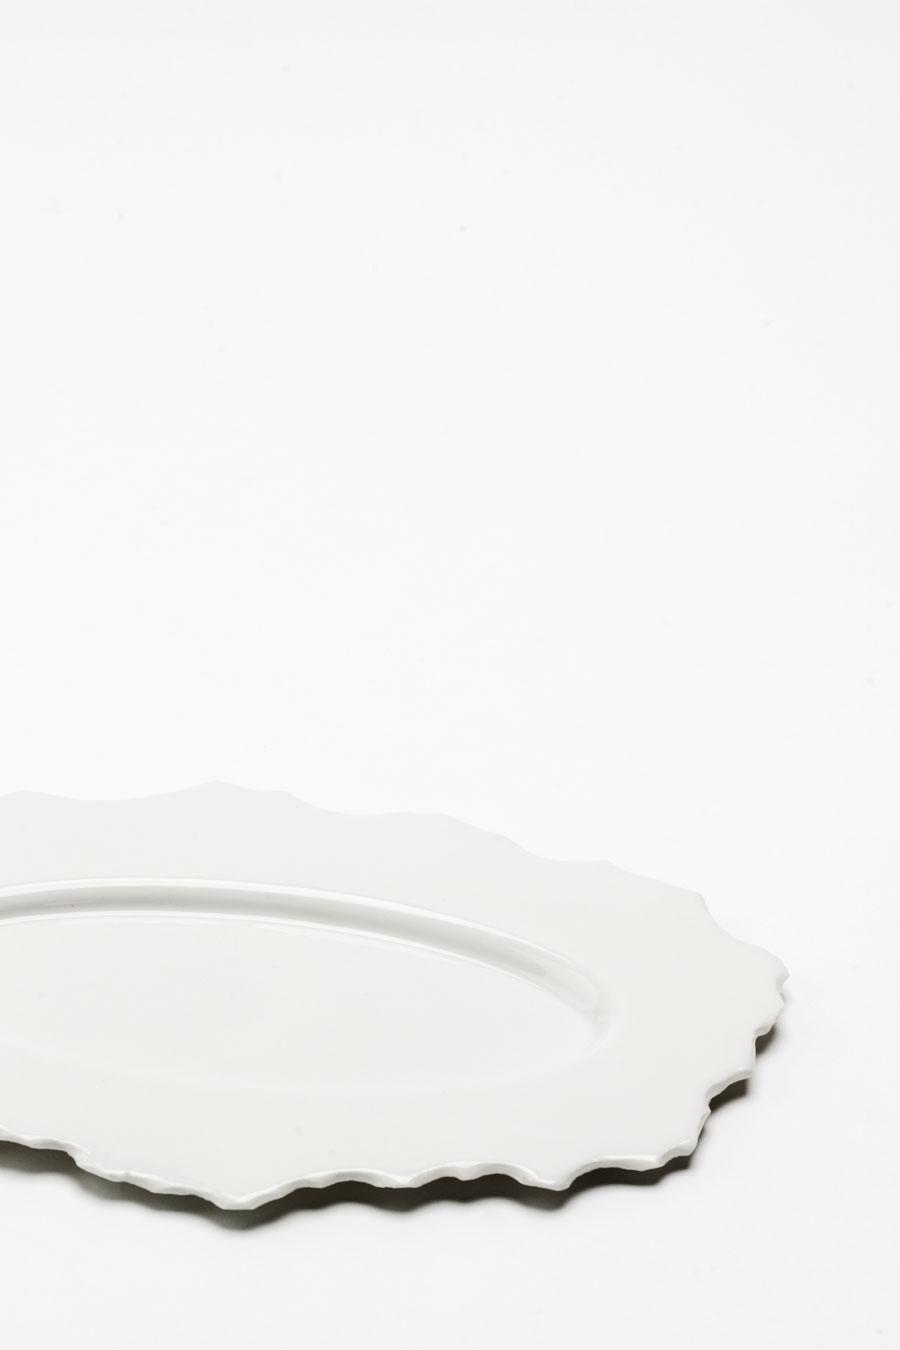 Teller Oval White